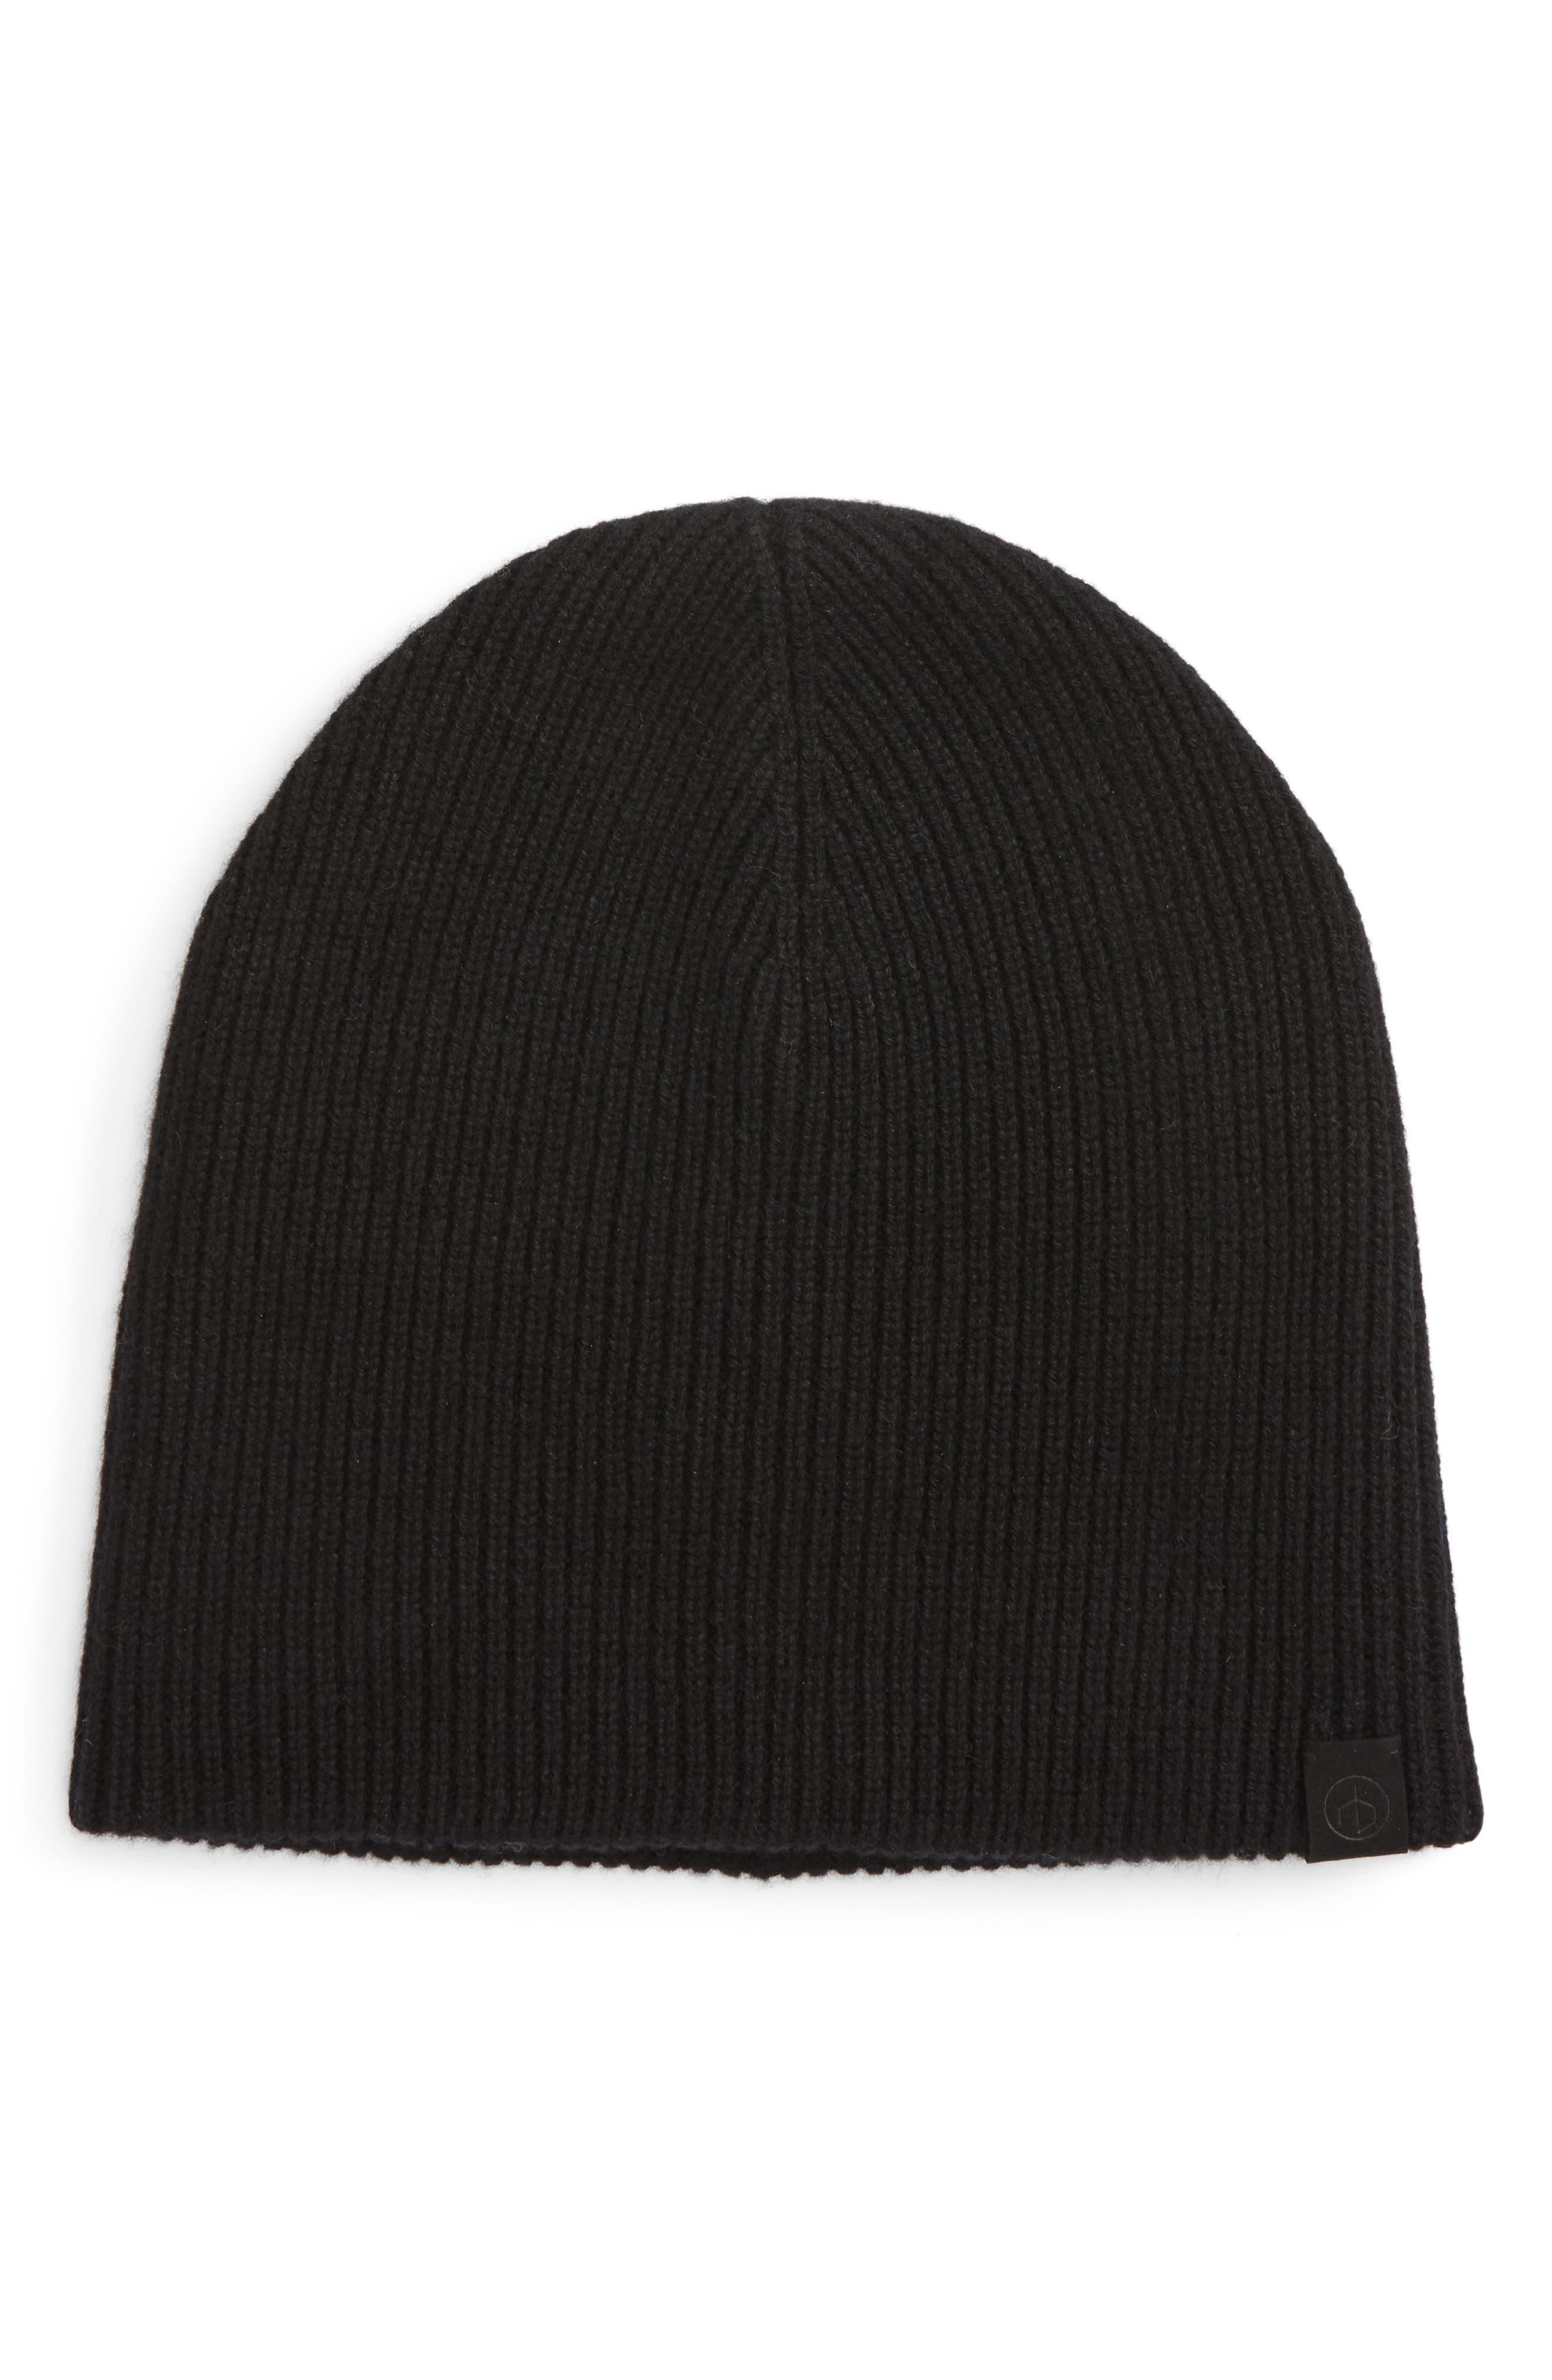 Ace Cashmere Knit Cap,                             Main thumbnail 1, color,                             001